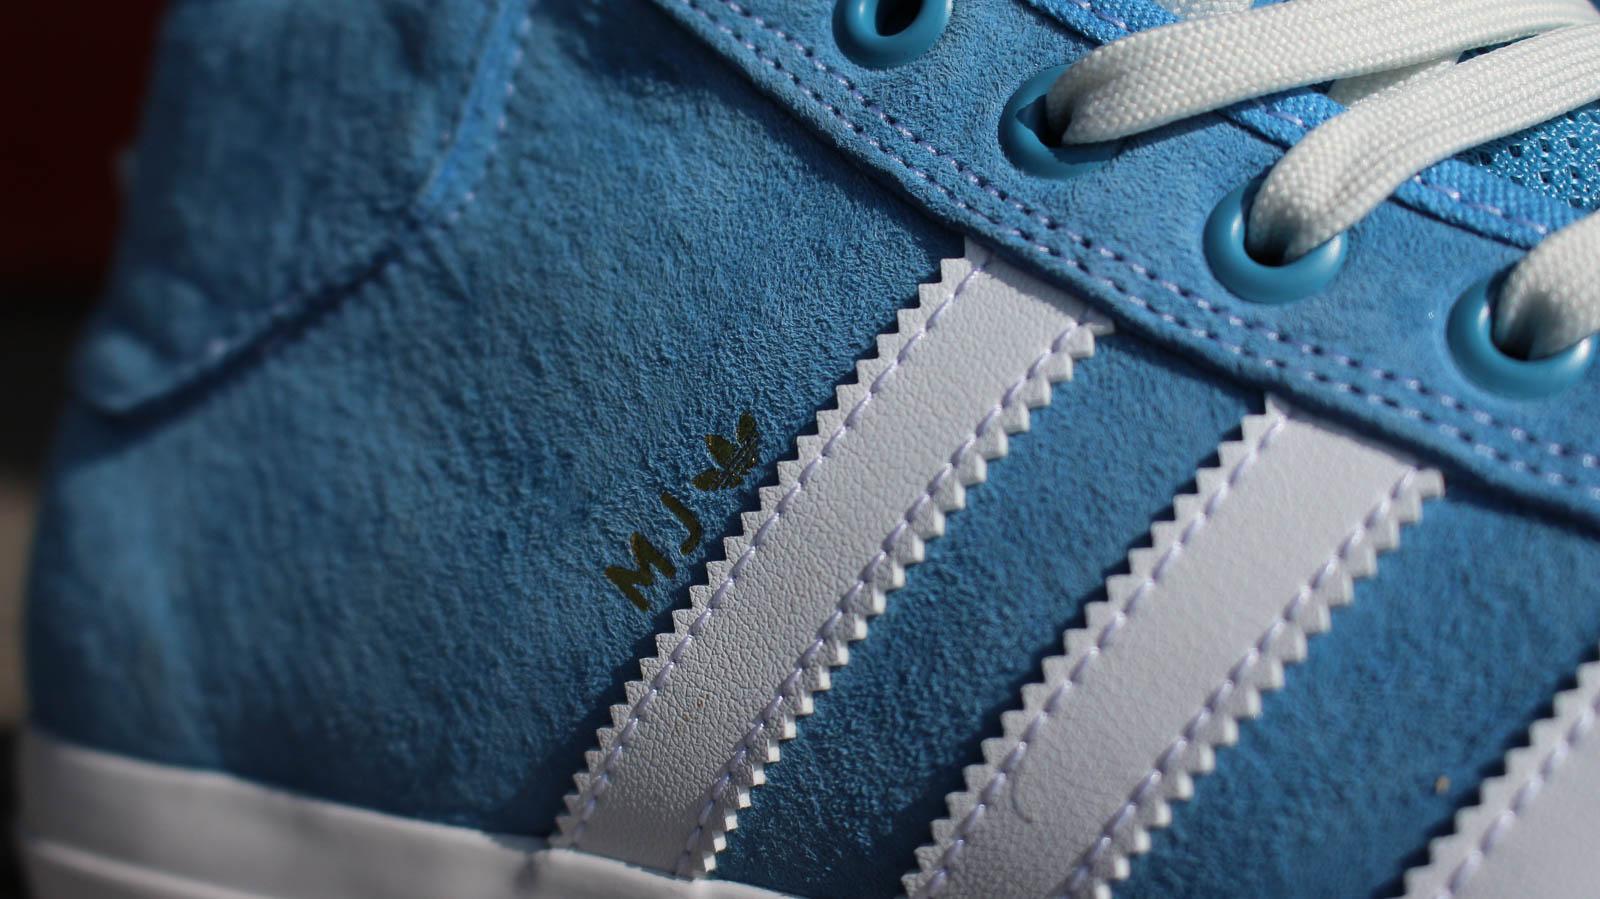 Adidas x Marc Johnson Matchcourt Mid – A Closer Look